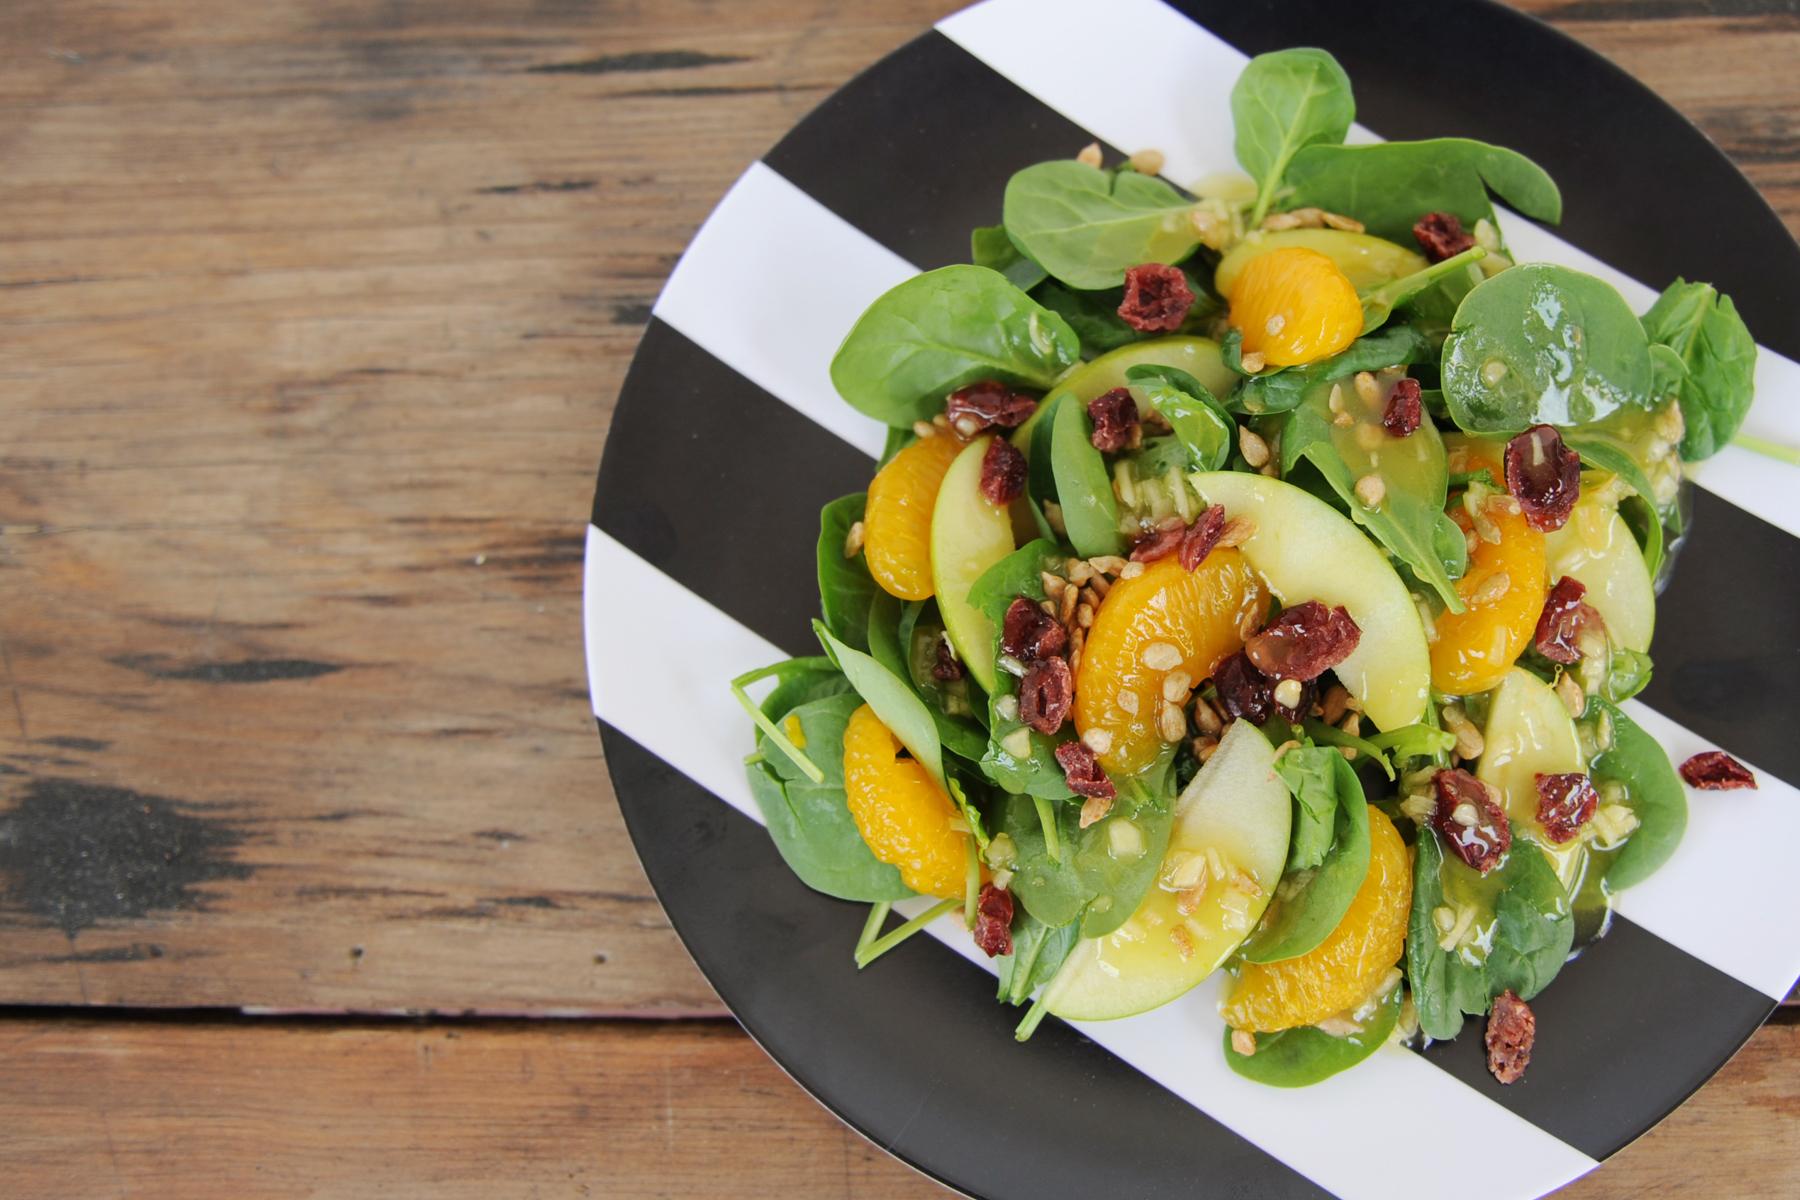 Spinach and mandarin salad 3